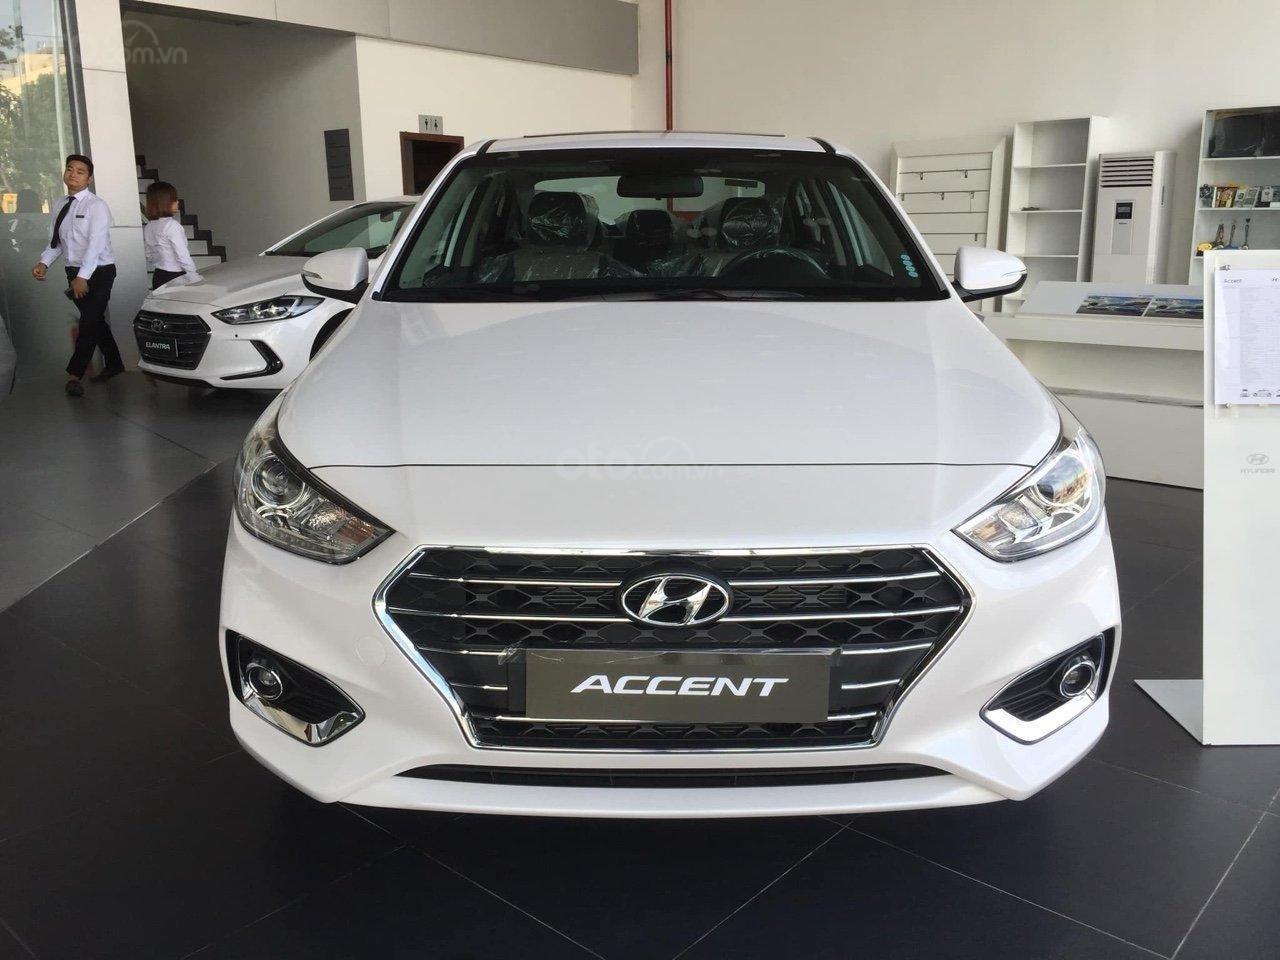 Hyundai Accent 1.4 số sàn và tự động mới 2019, giá chỉ từ 425tr, trả góp 85%, LH: 0902 235 123 (1)